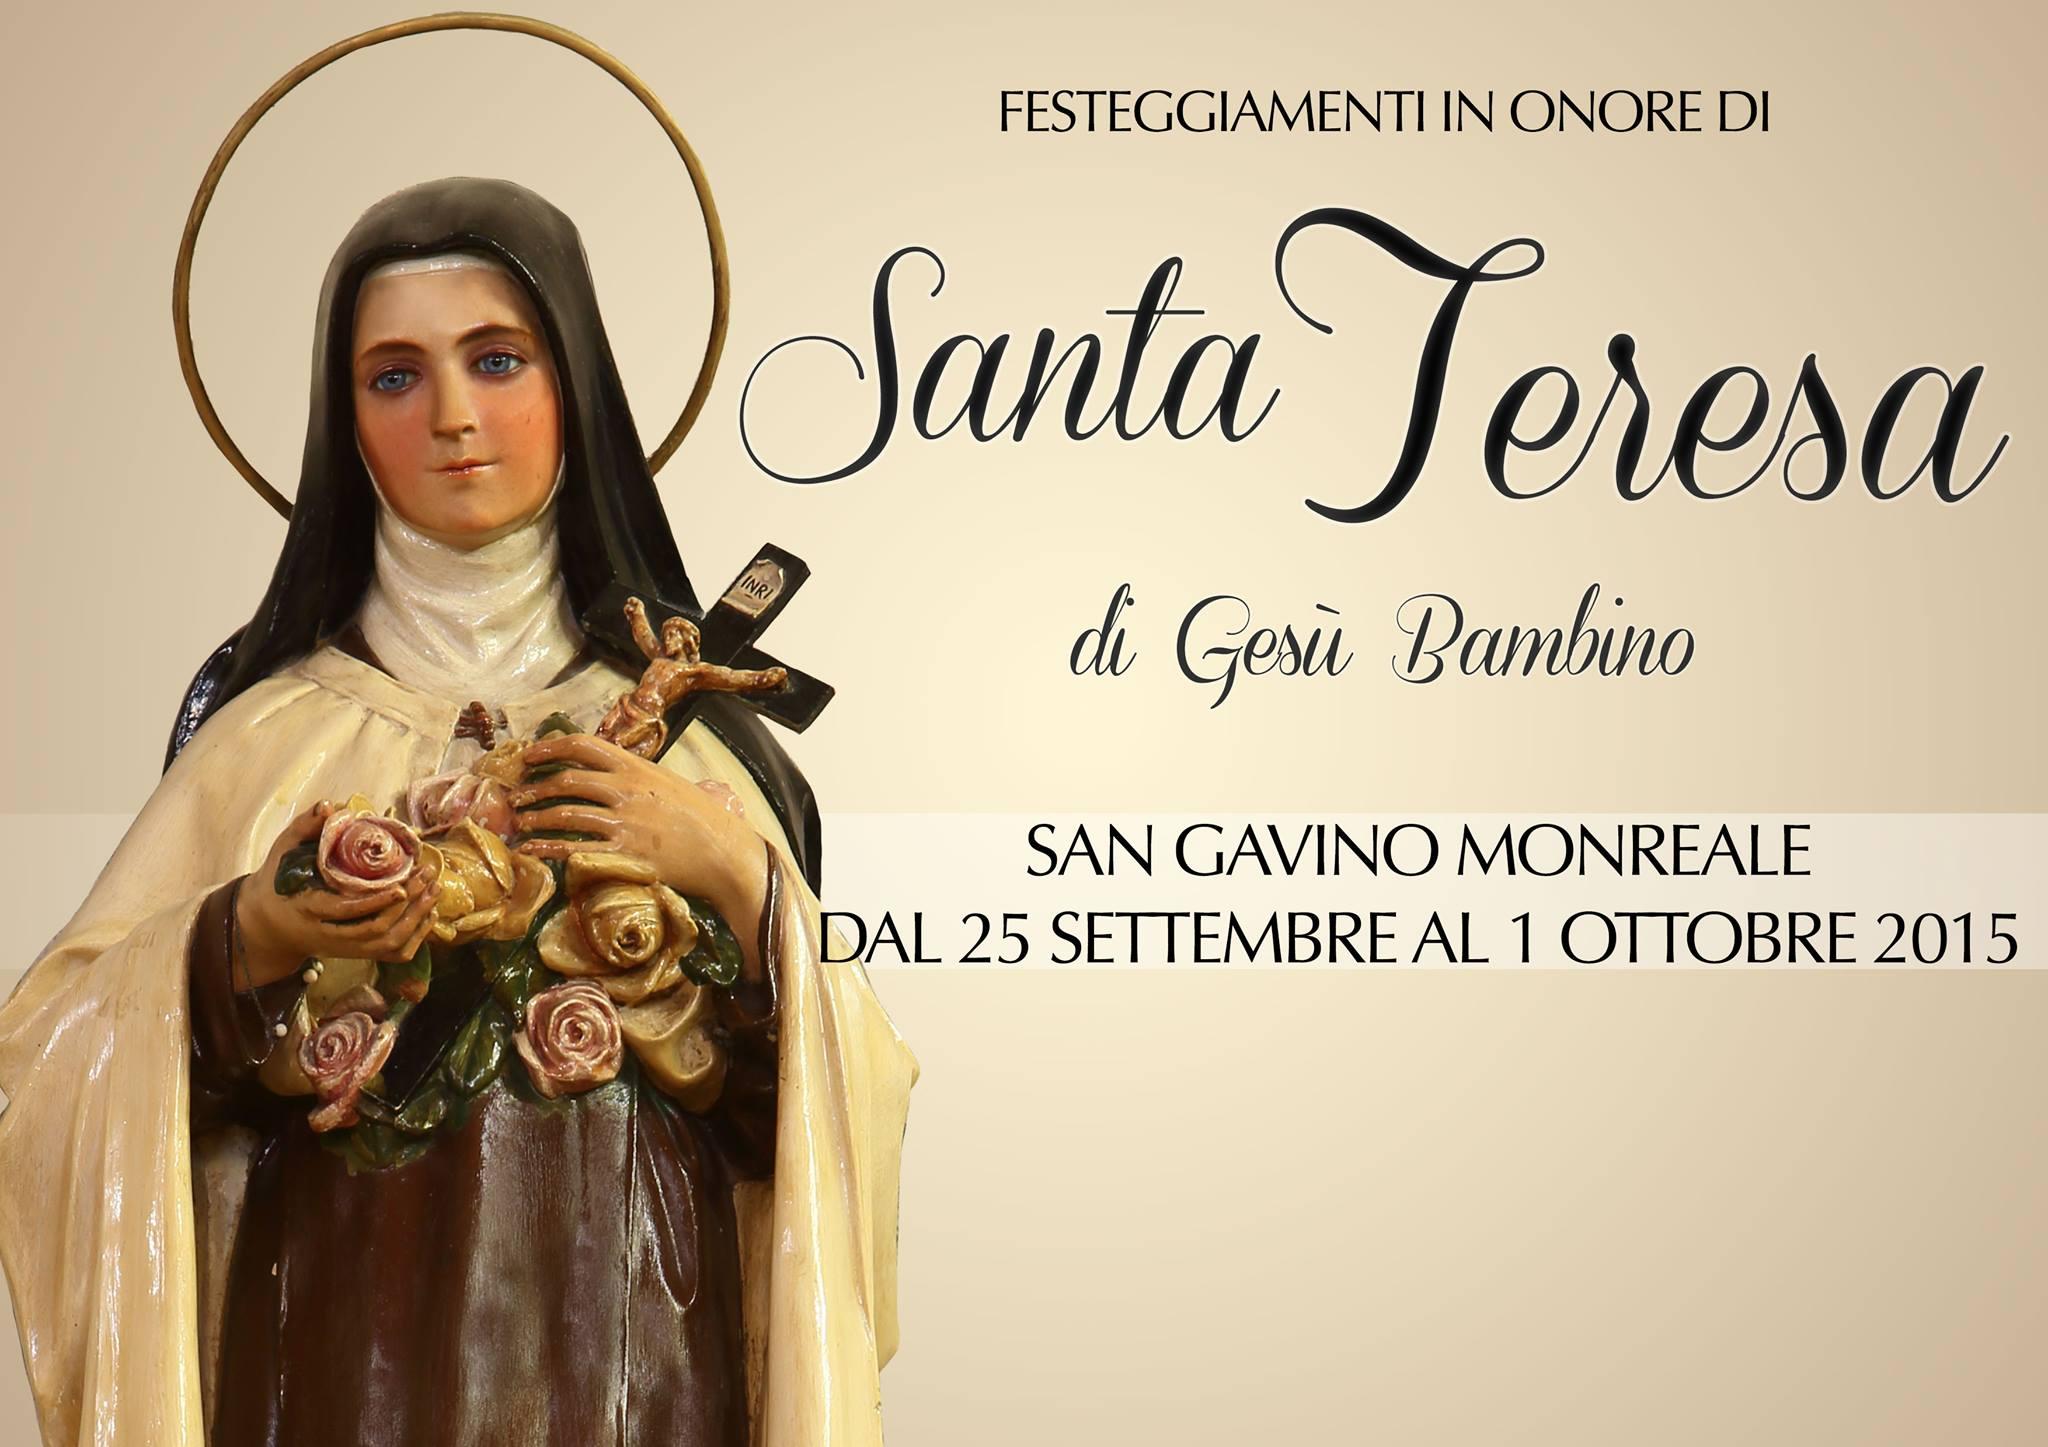 Festa di Santa Teresa 2015